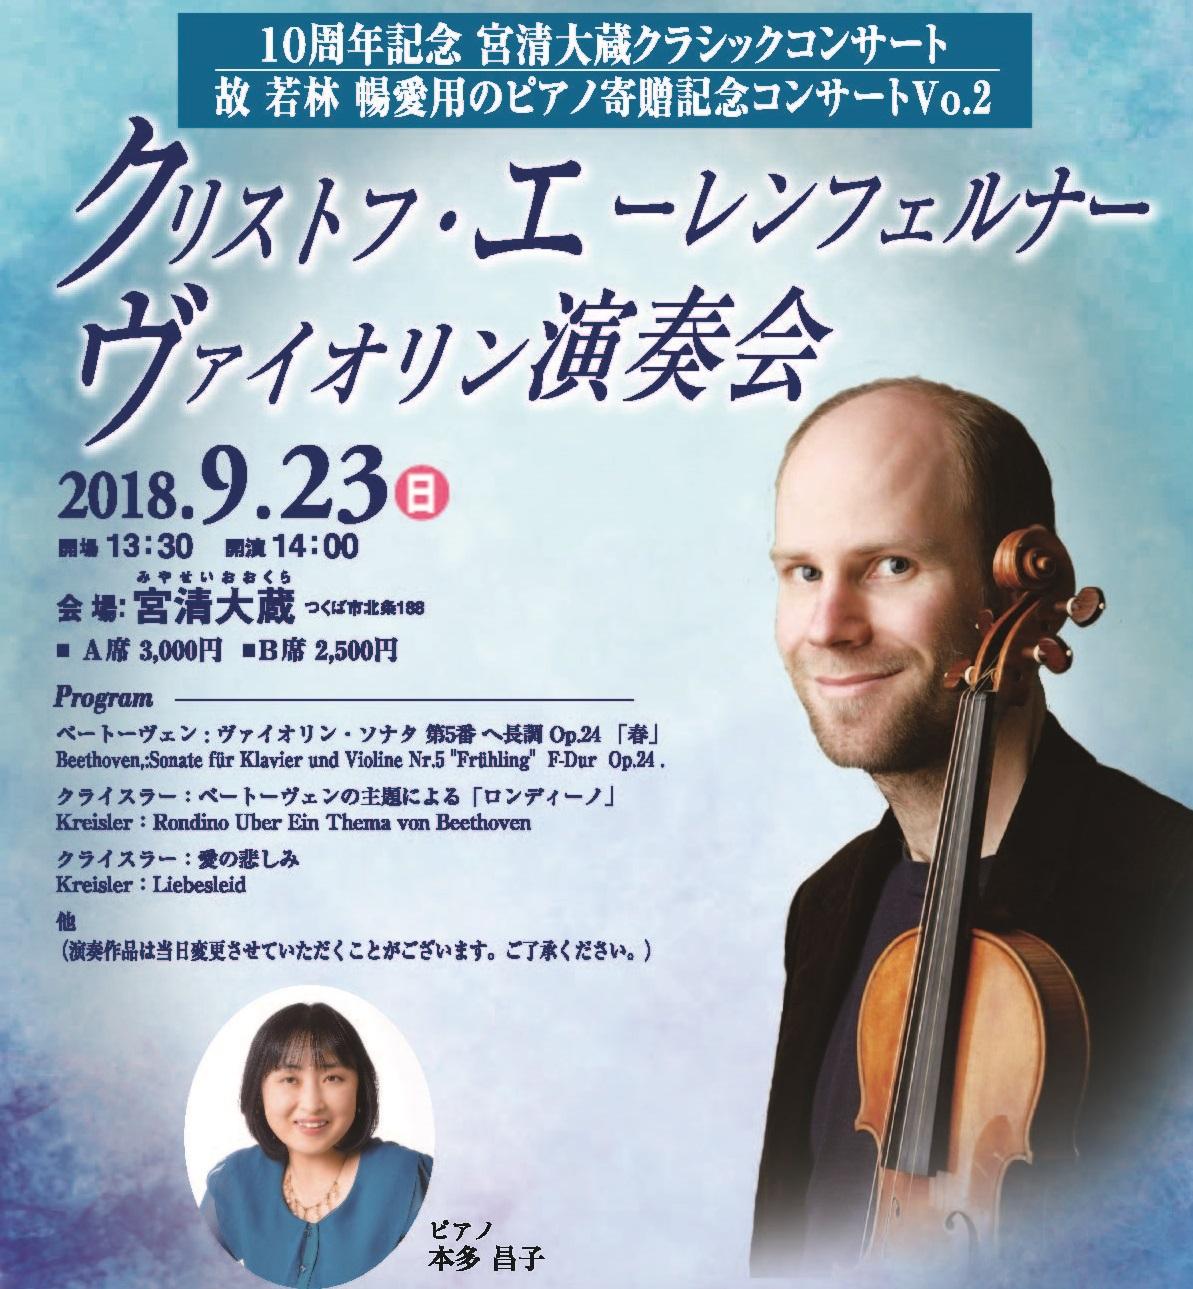 宮清大蔵 10周年記念コンサートのお知らせ_b0124462_15175883.jpg